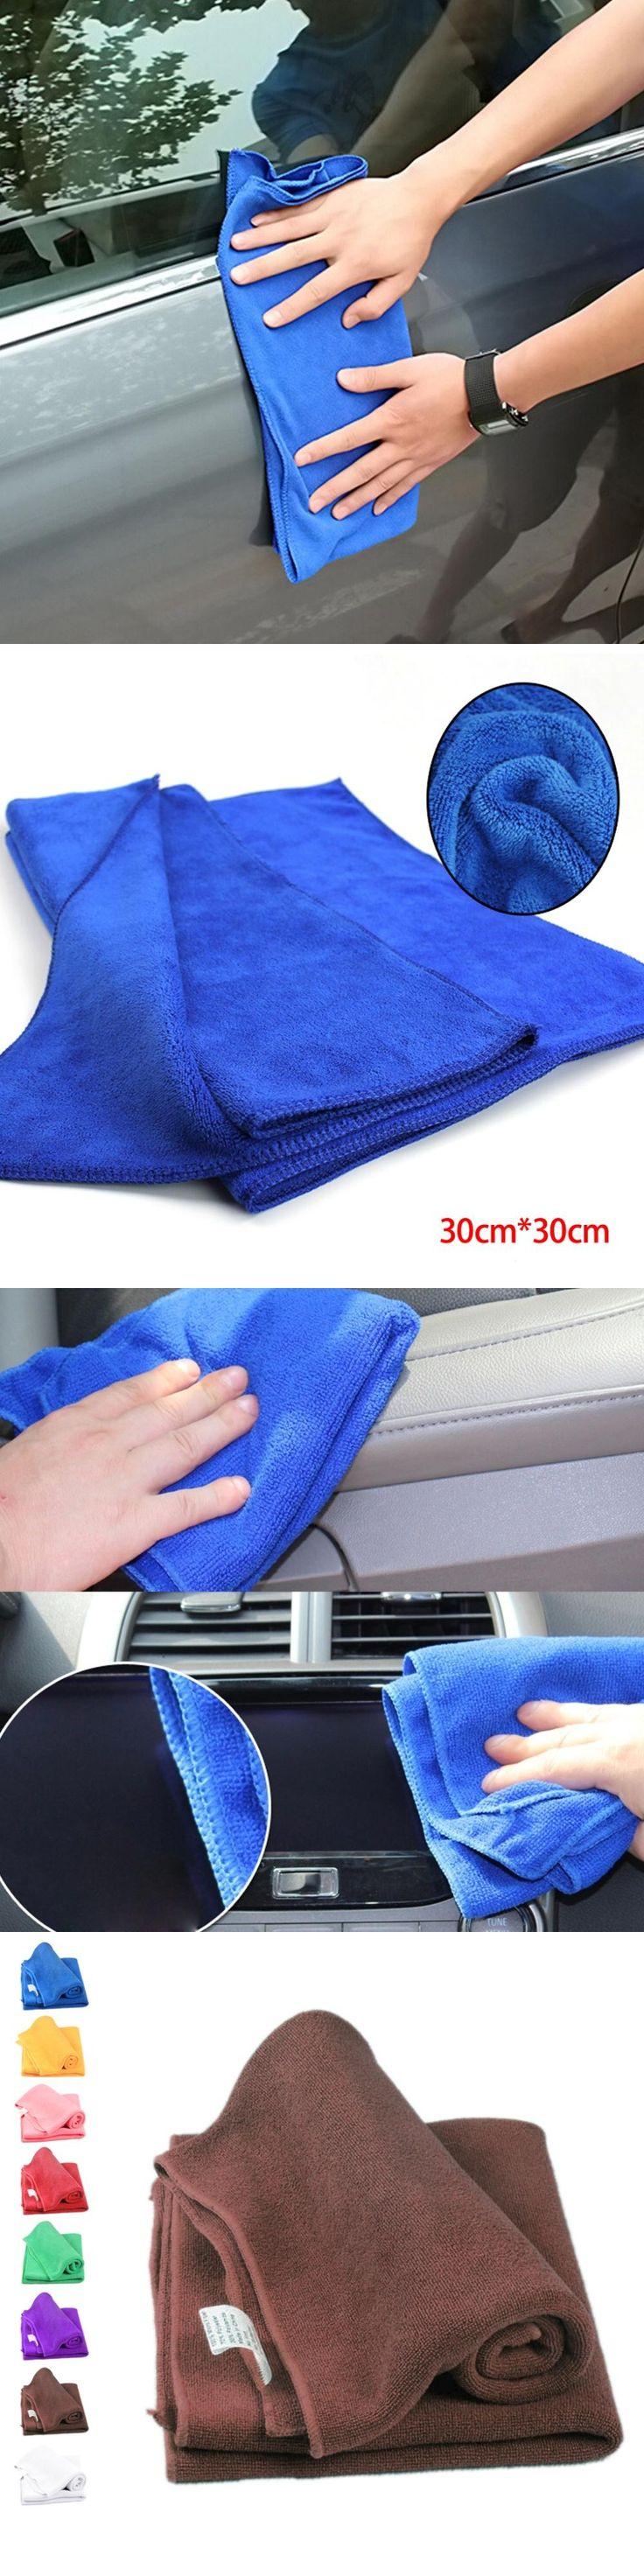 1pcs cheap sale cleaning cloths 22*22cm Microfiber Face Hair Clean Car polishing Streak-Free Towel